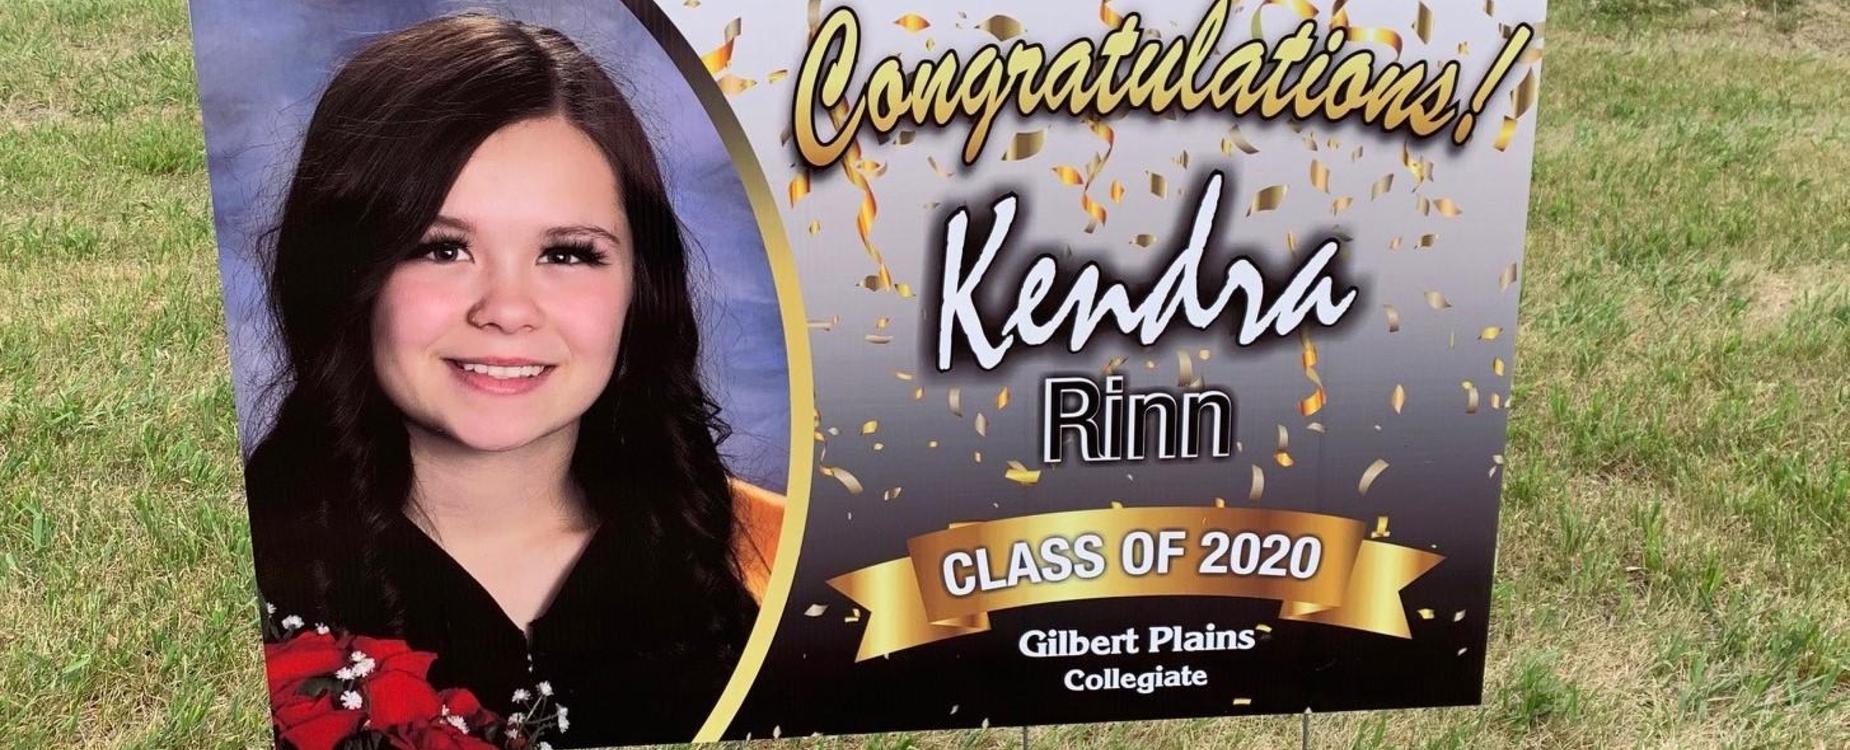 Kendra Rinn